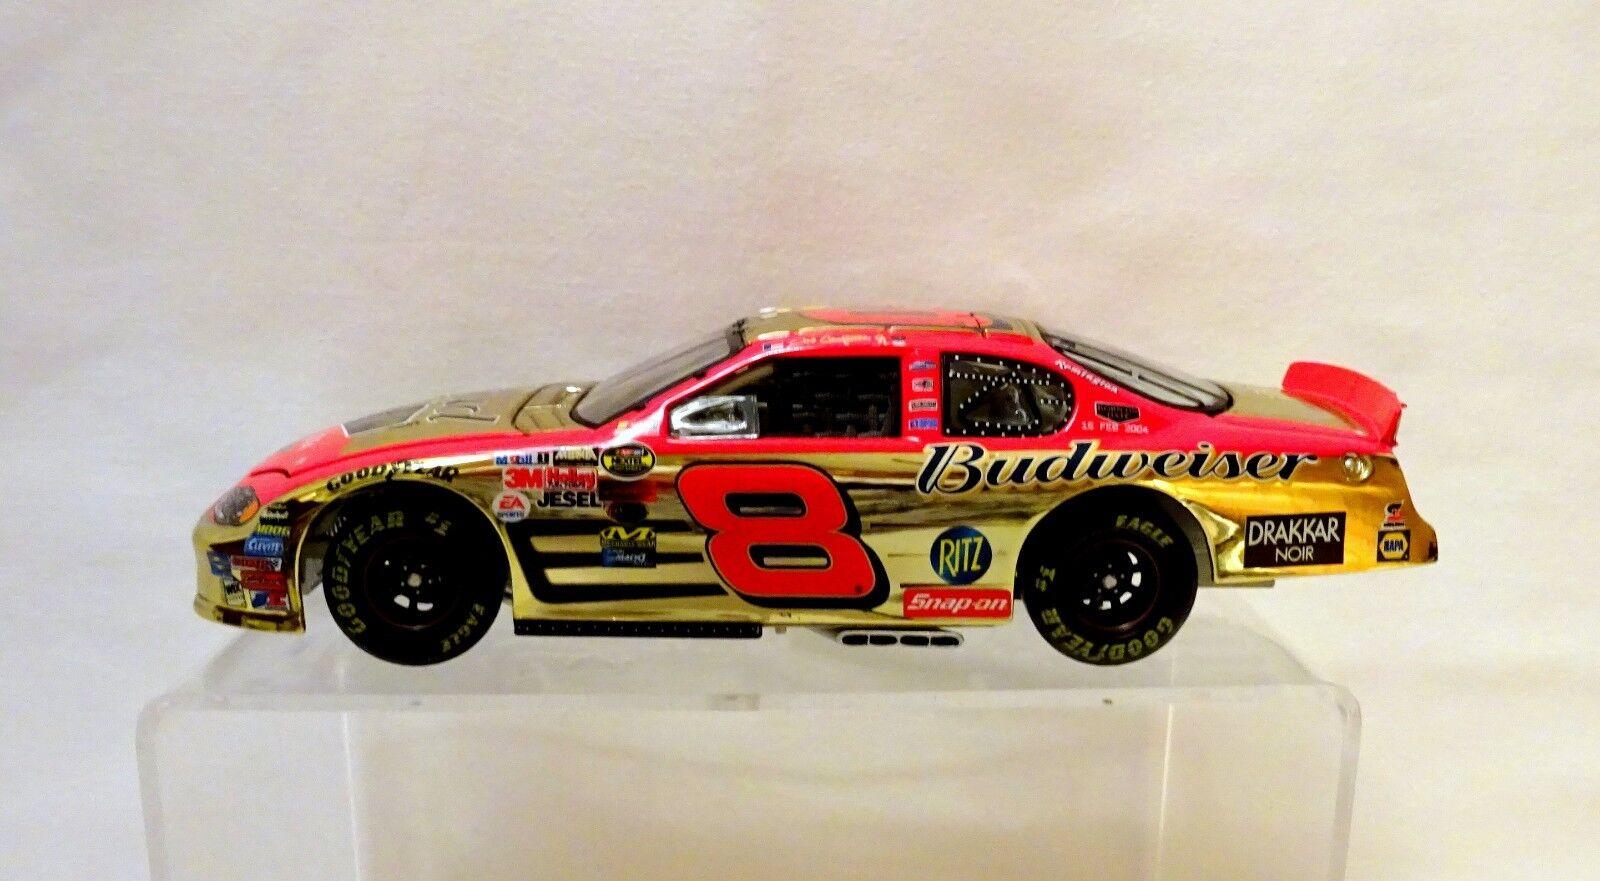 servicio considerado Dale Dale Dale Earnhardt Jr  8 Budweiser D500 ganador 2004 Monte Cochelo Ss Cromo oro (40)  ventas de salida